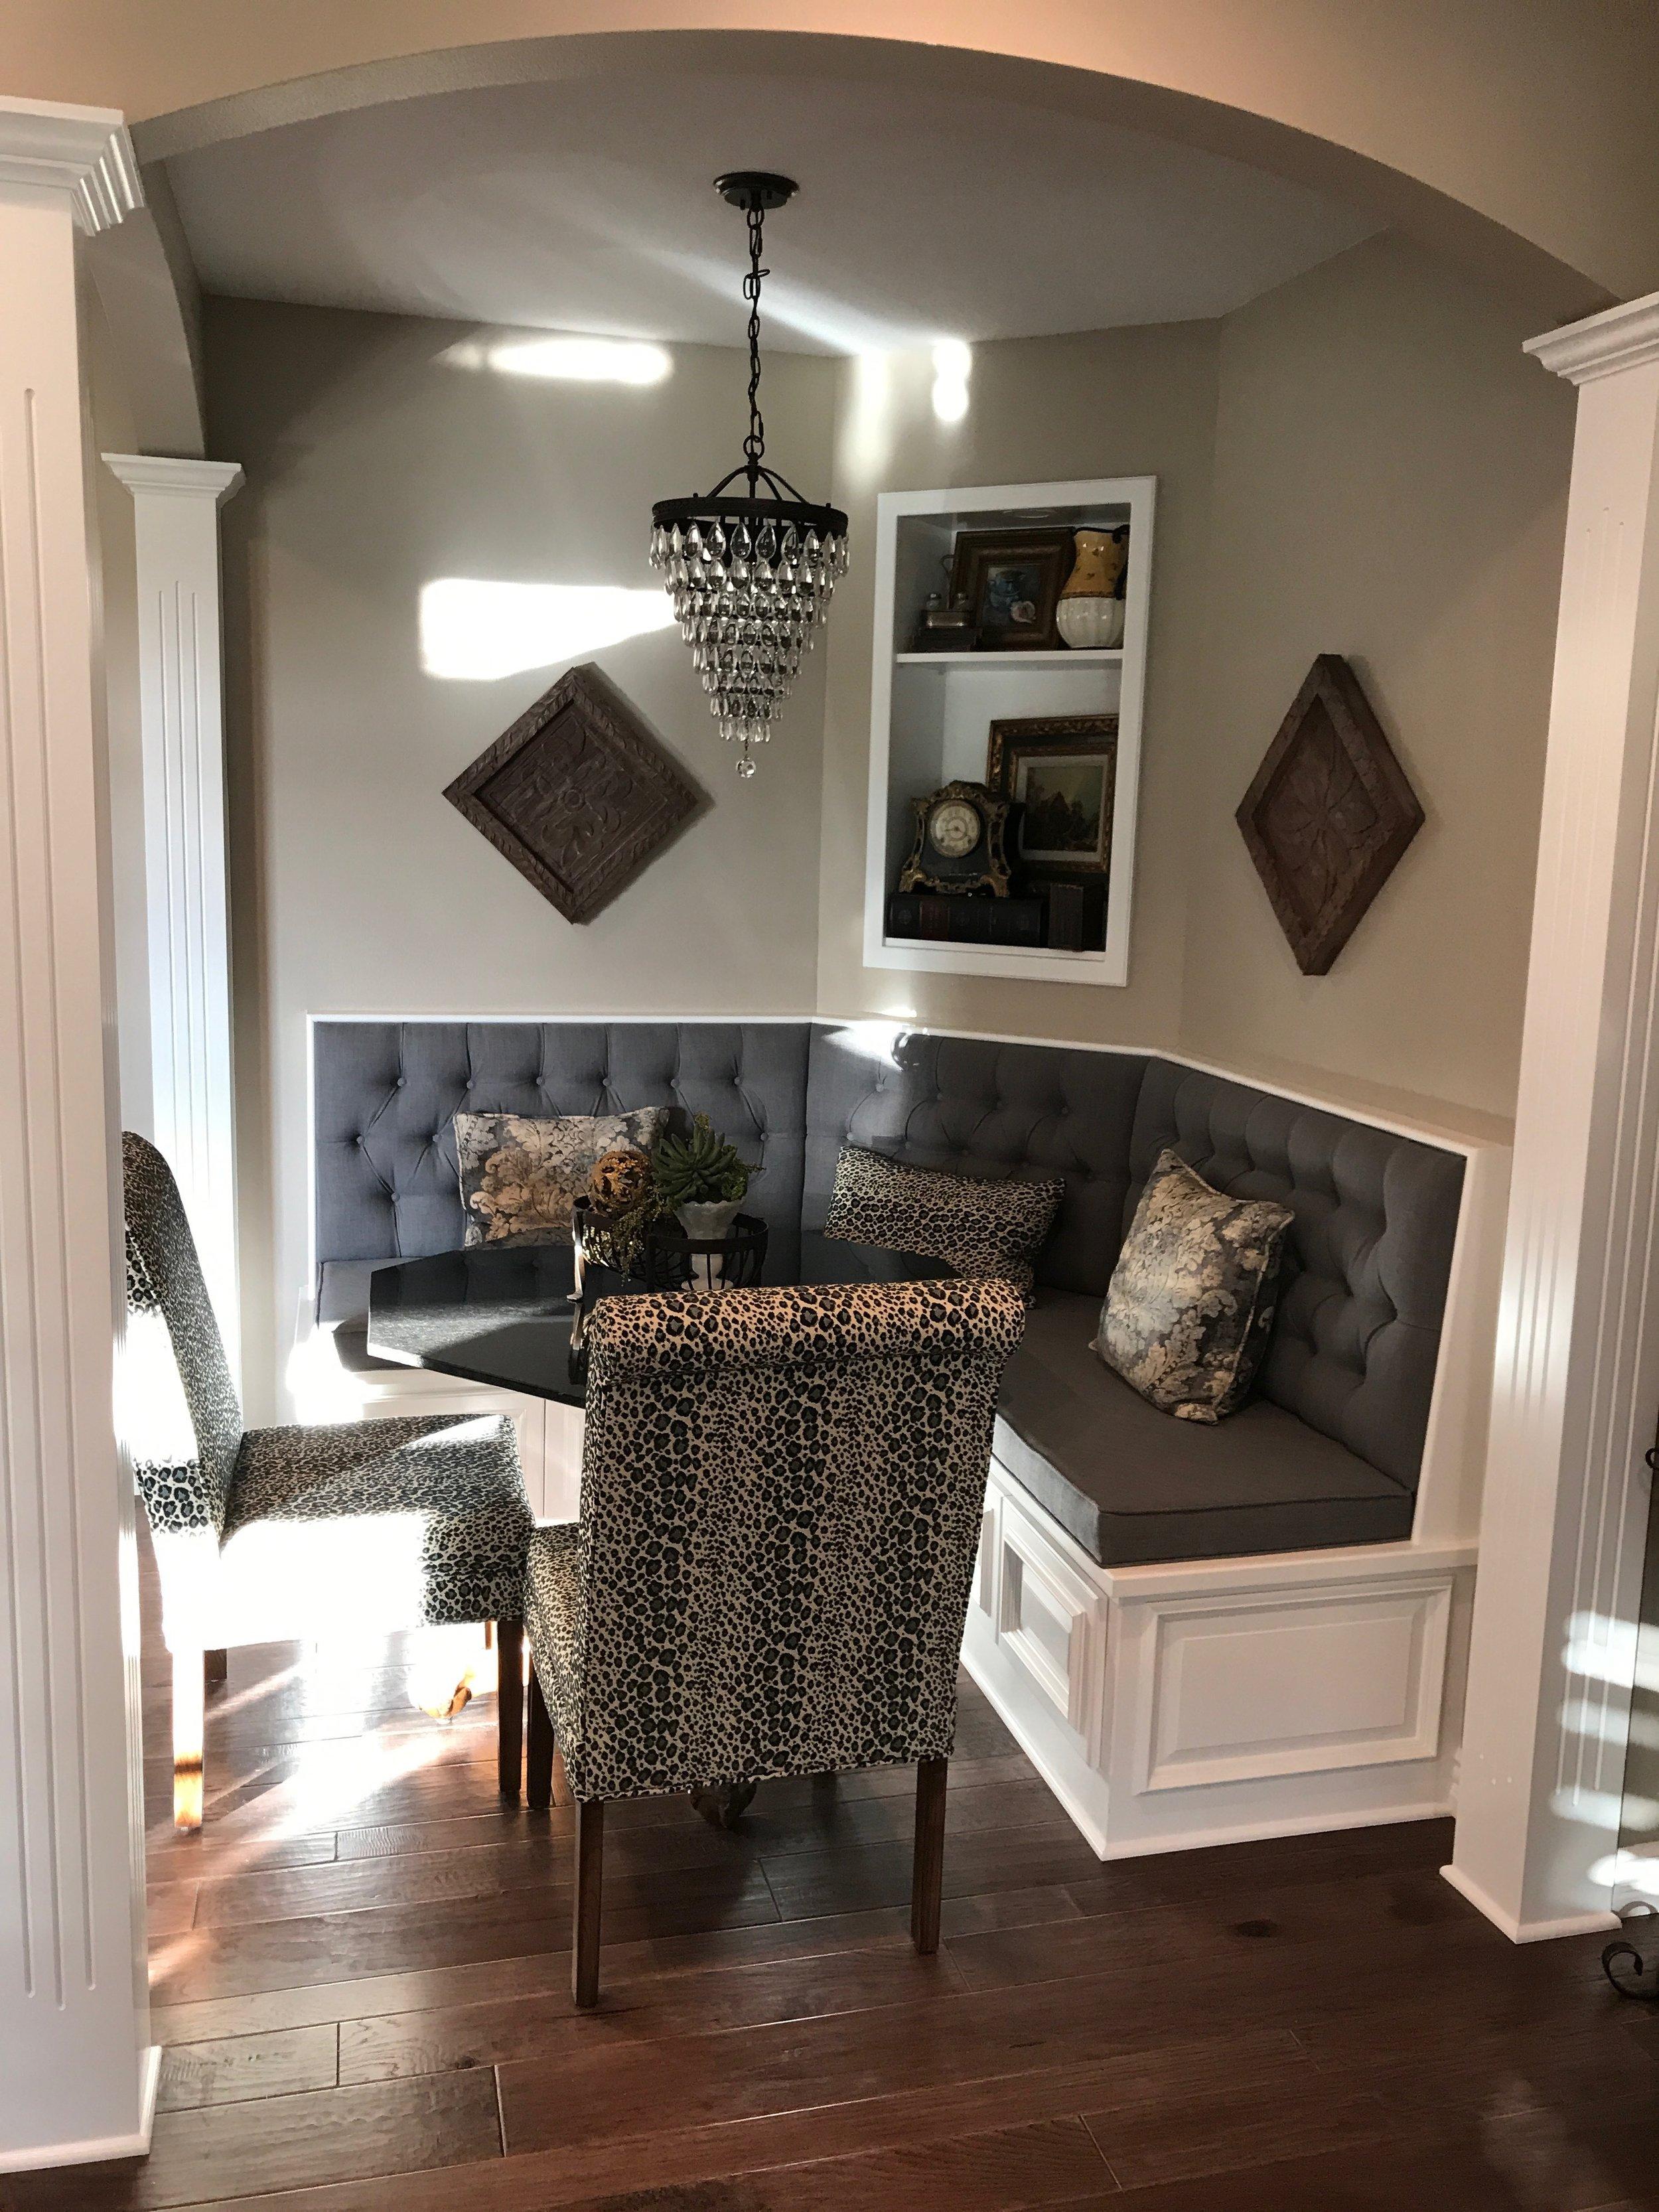 Custom Banquette & Parson Chairs